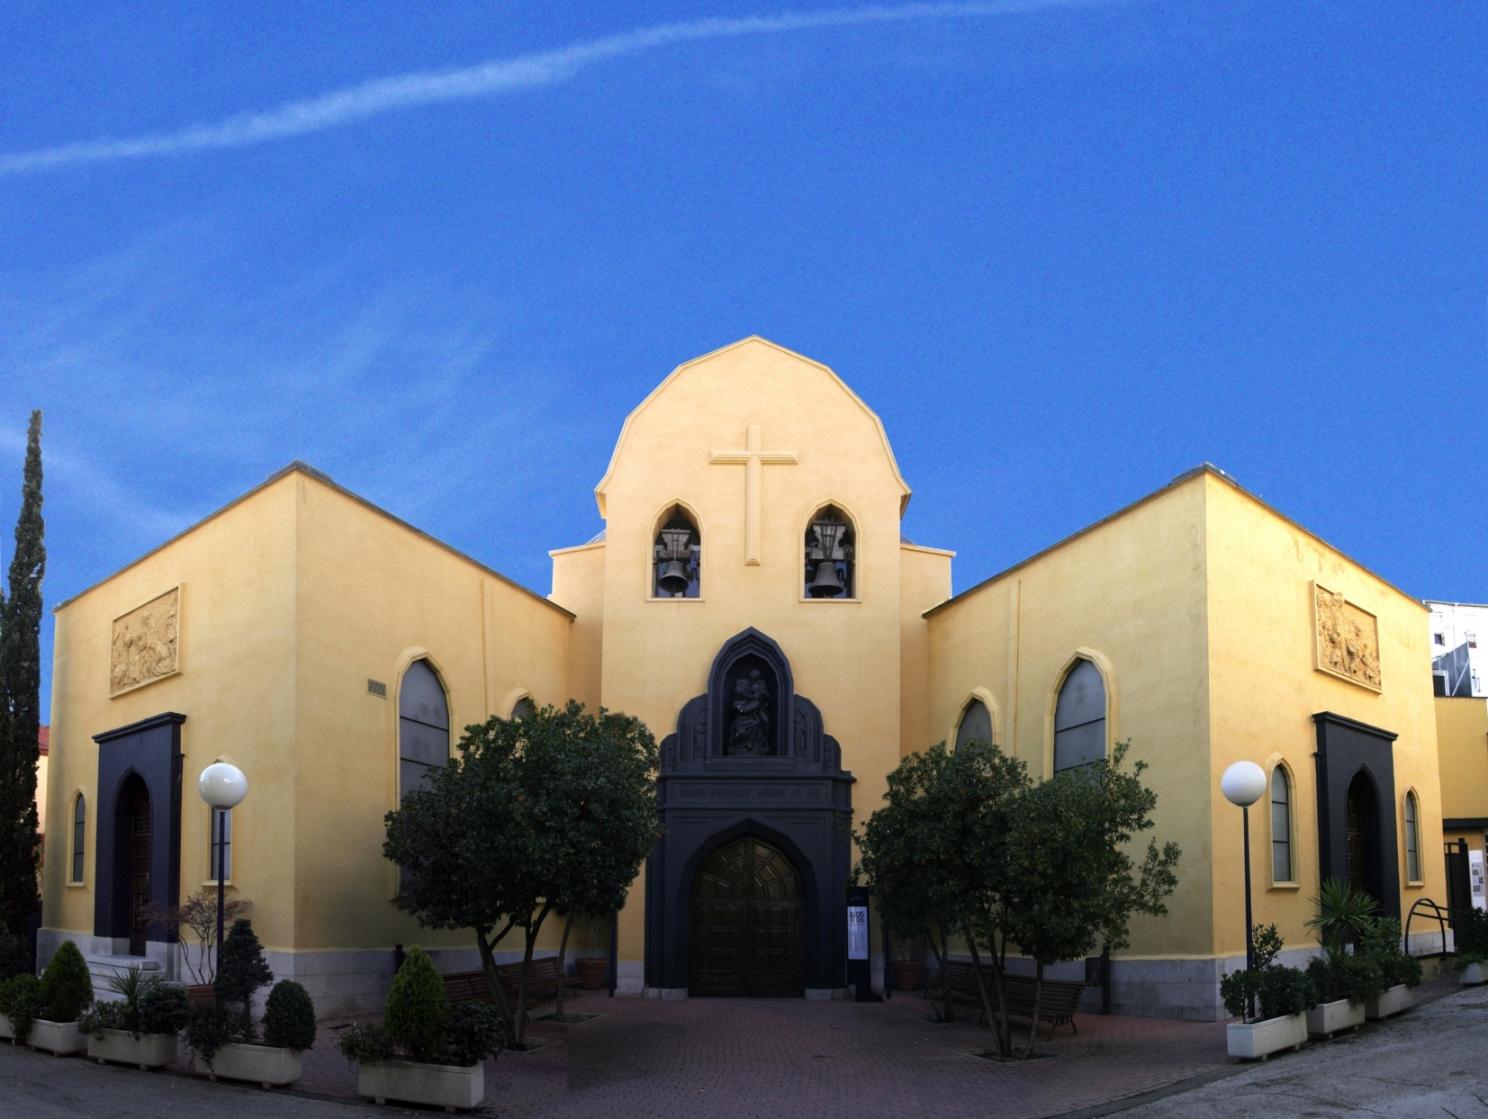 Teatro de La Abadía - Wikipedia, la enciclopedia libre